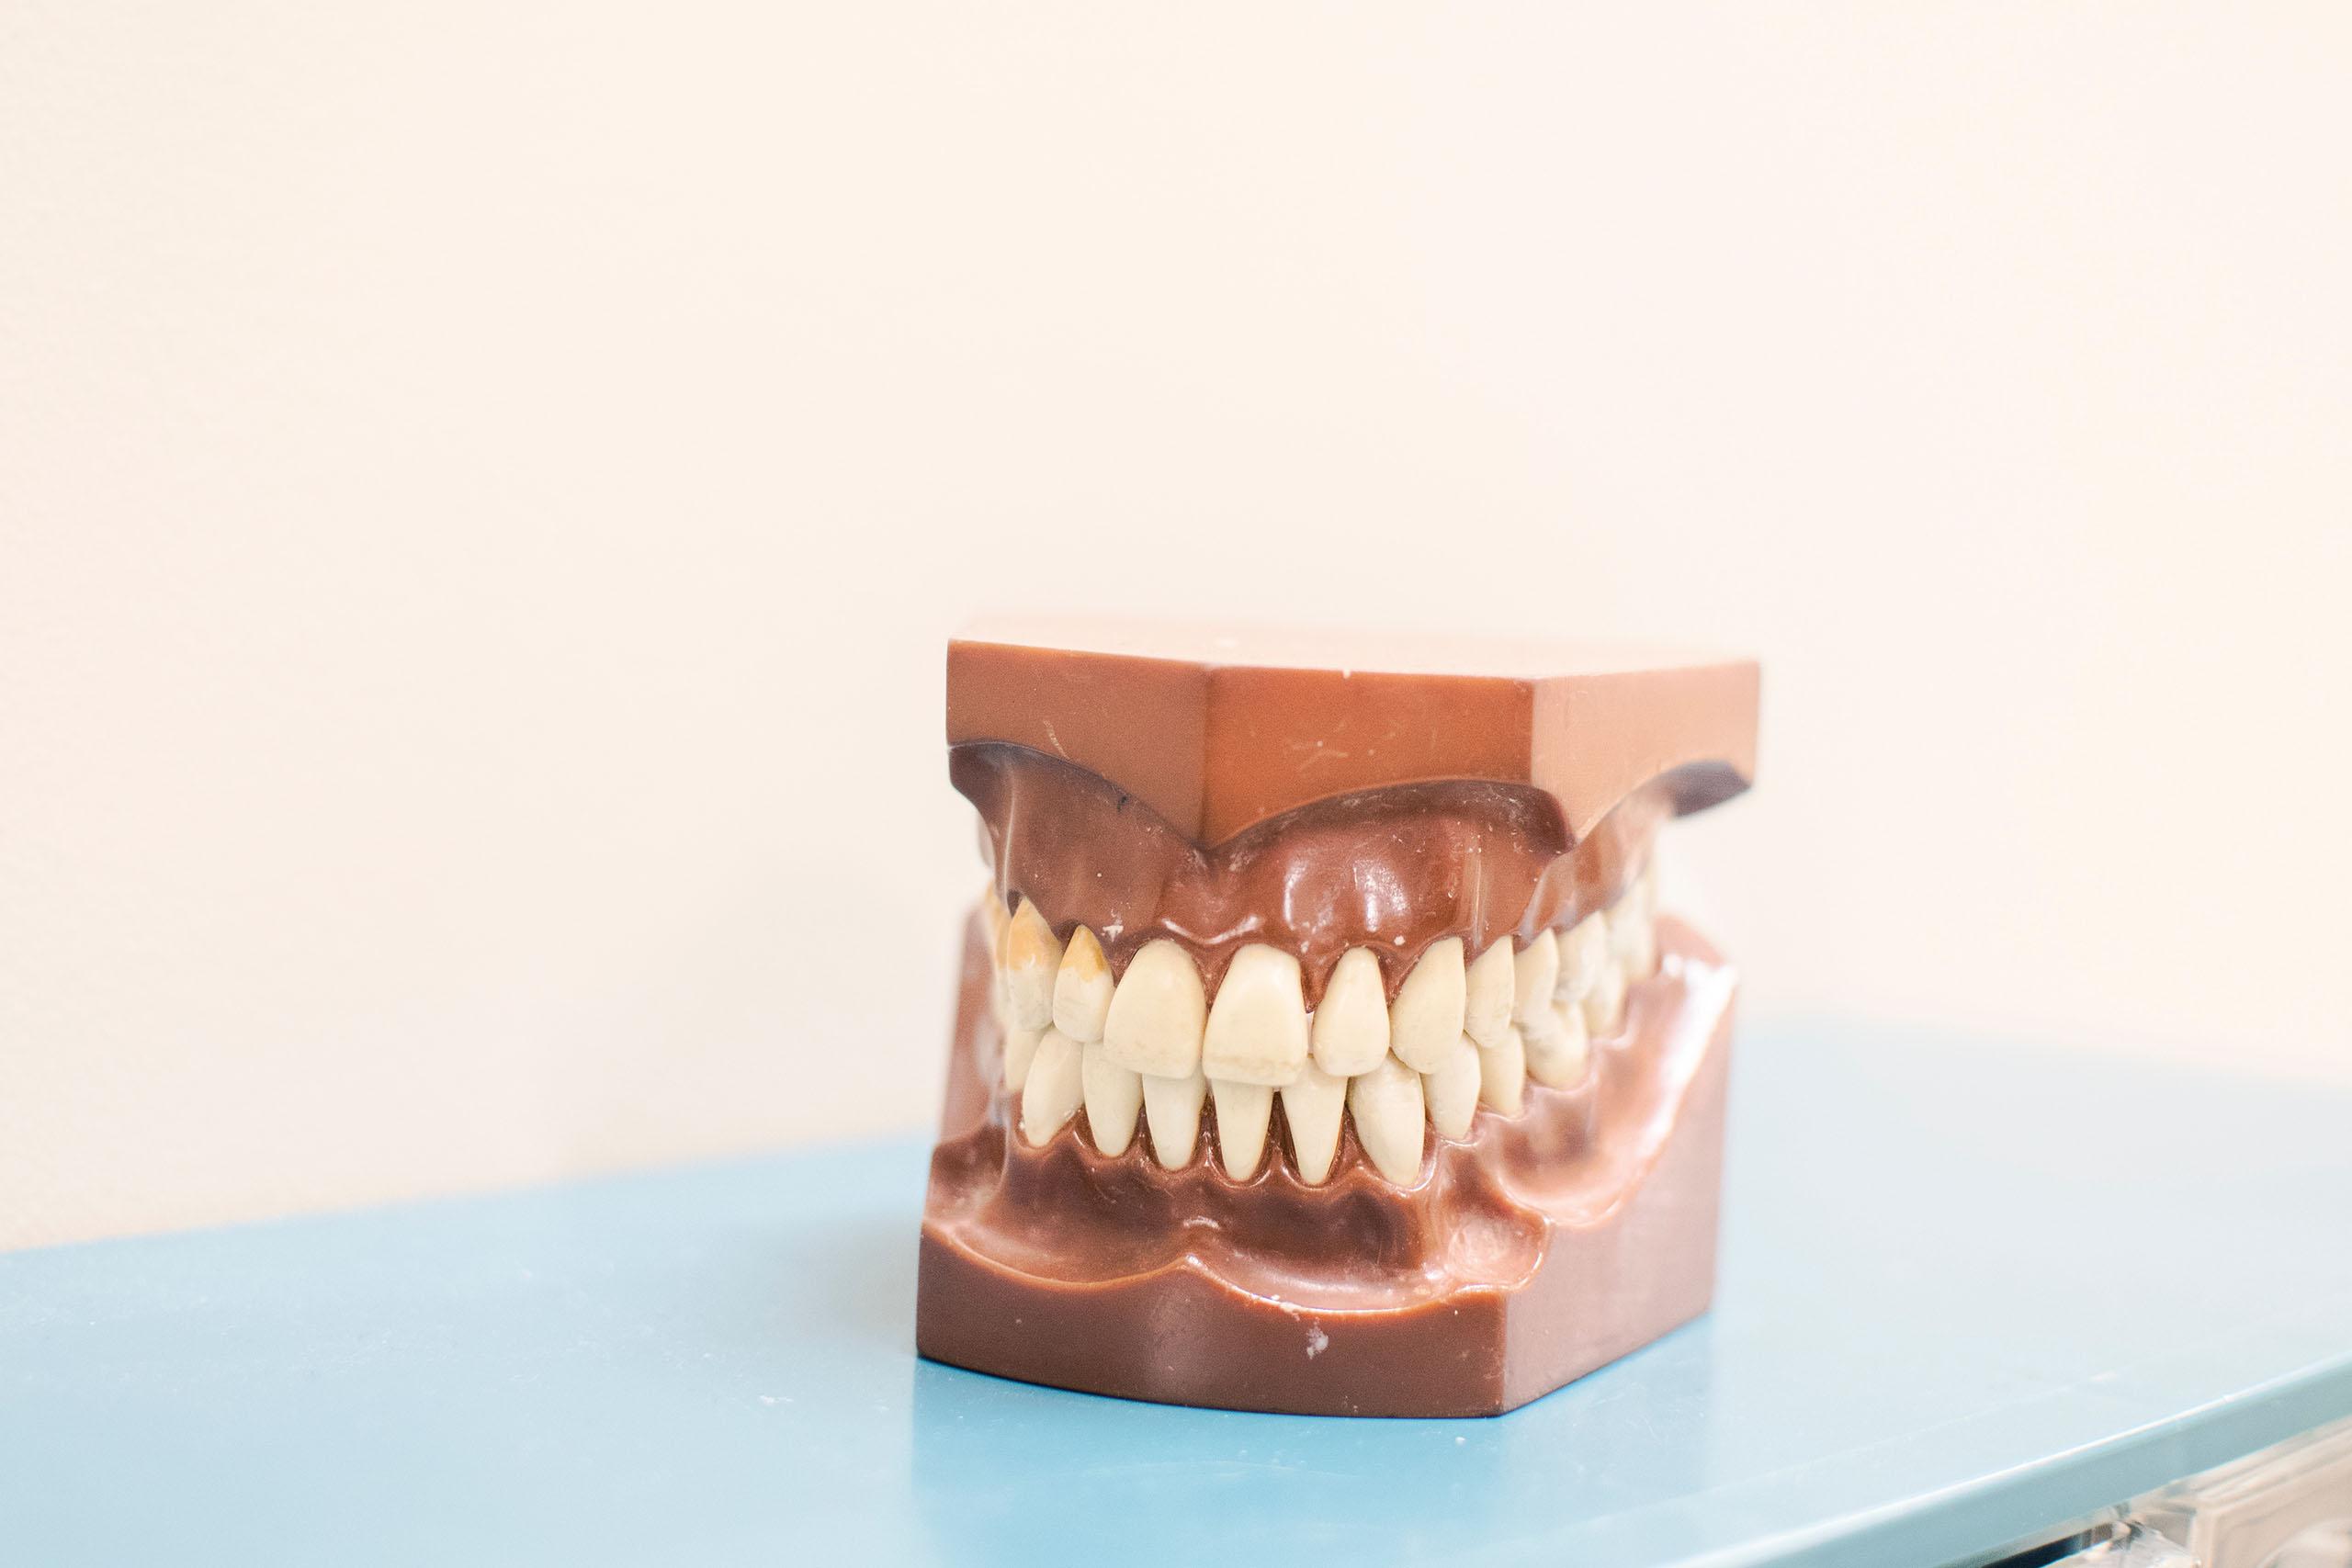 残っている歯に負担をかけない